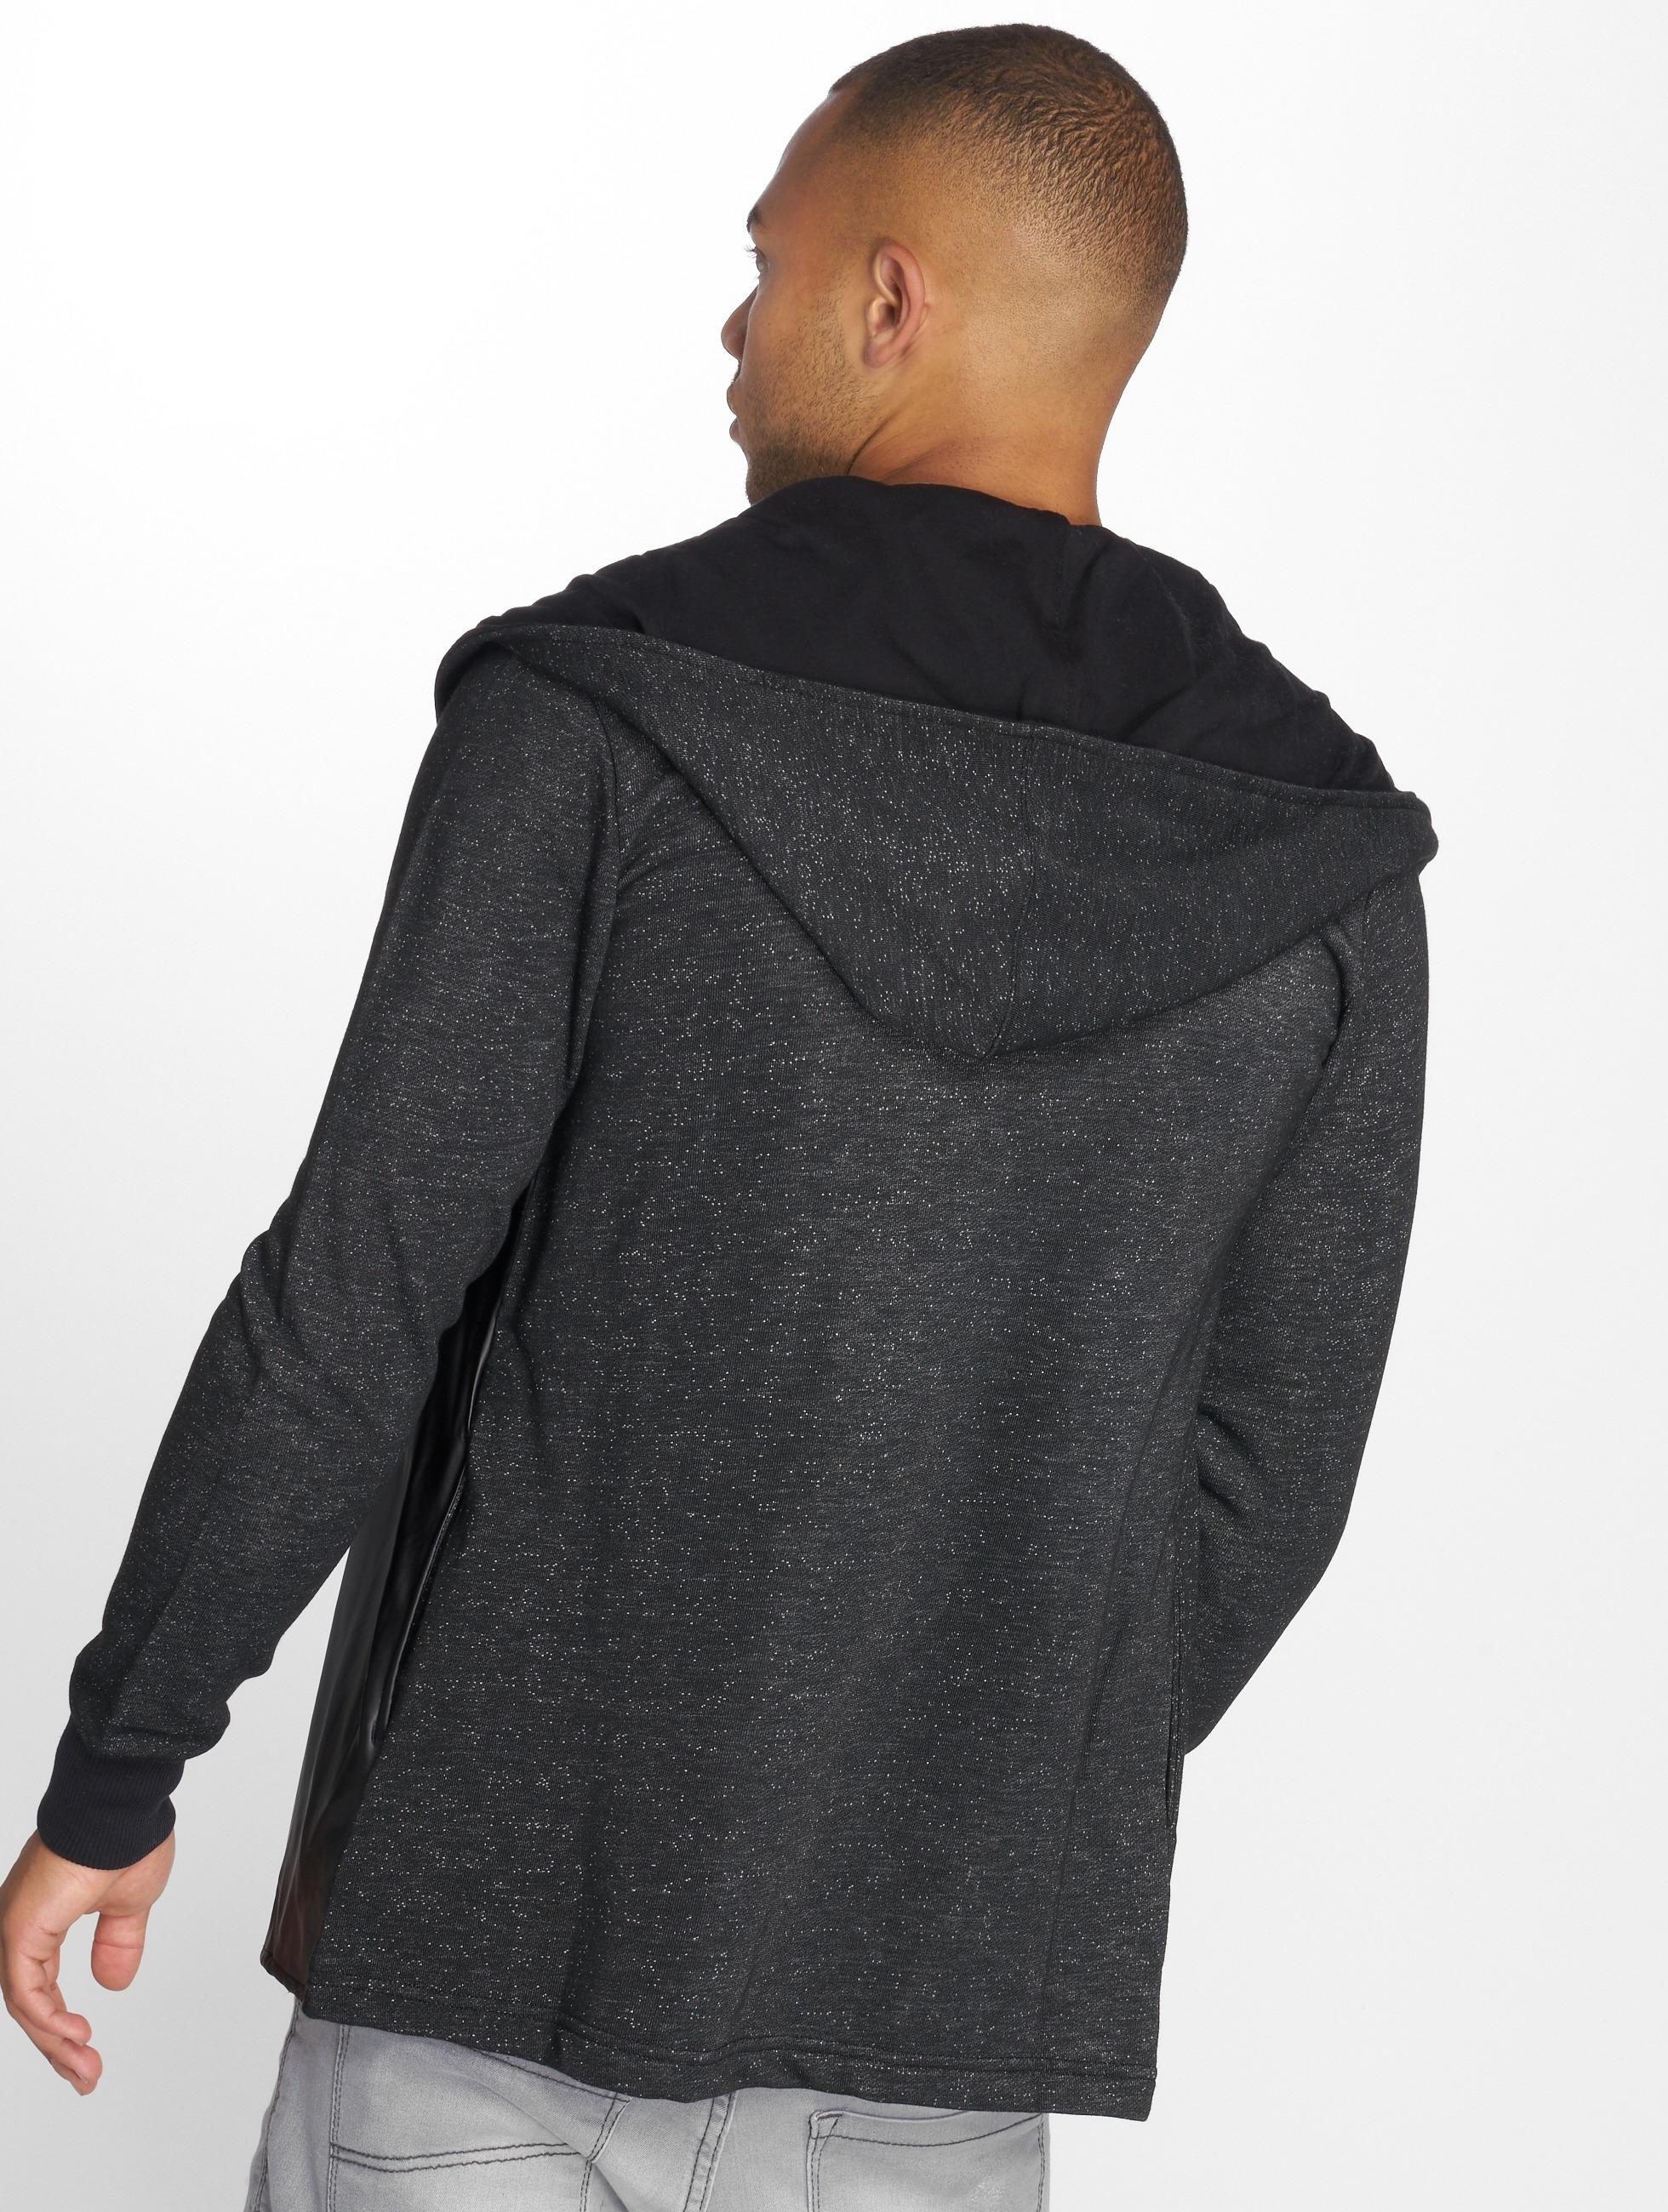 Cipo & Baxx vest Laddie zwart